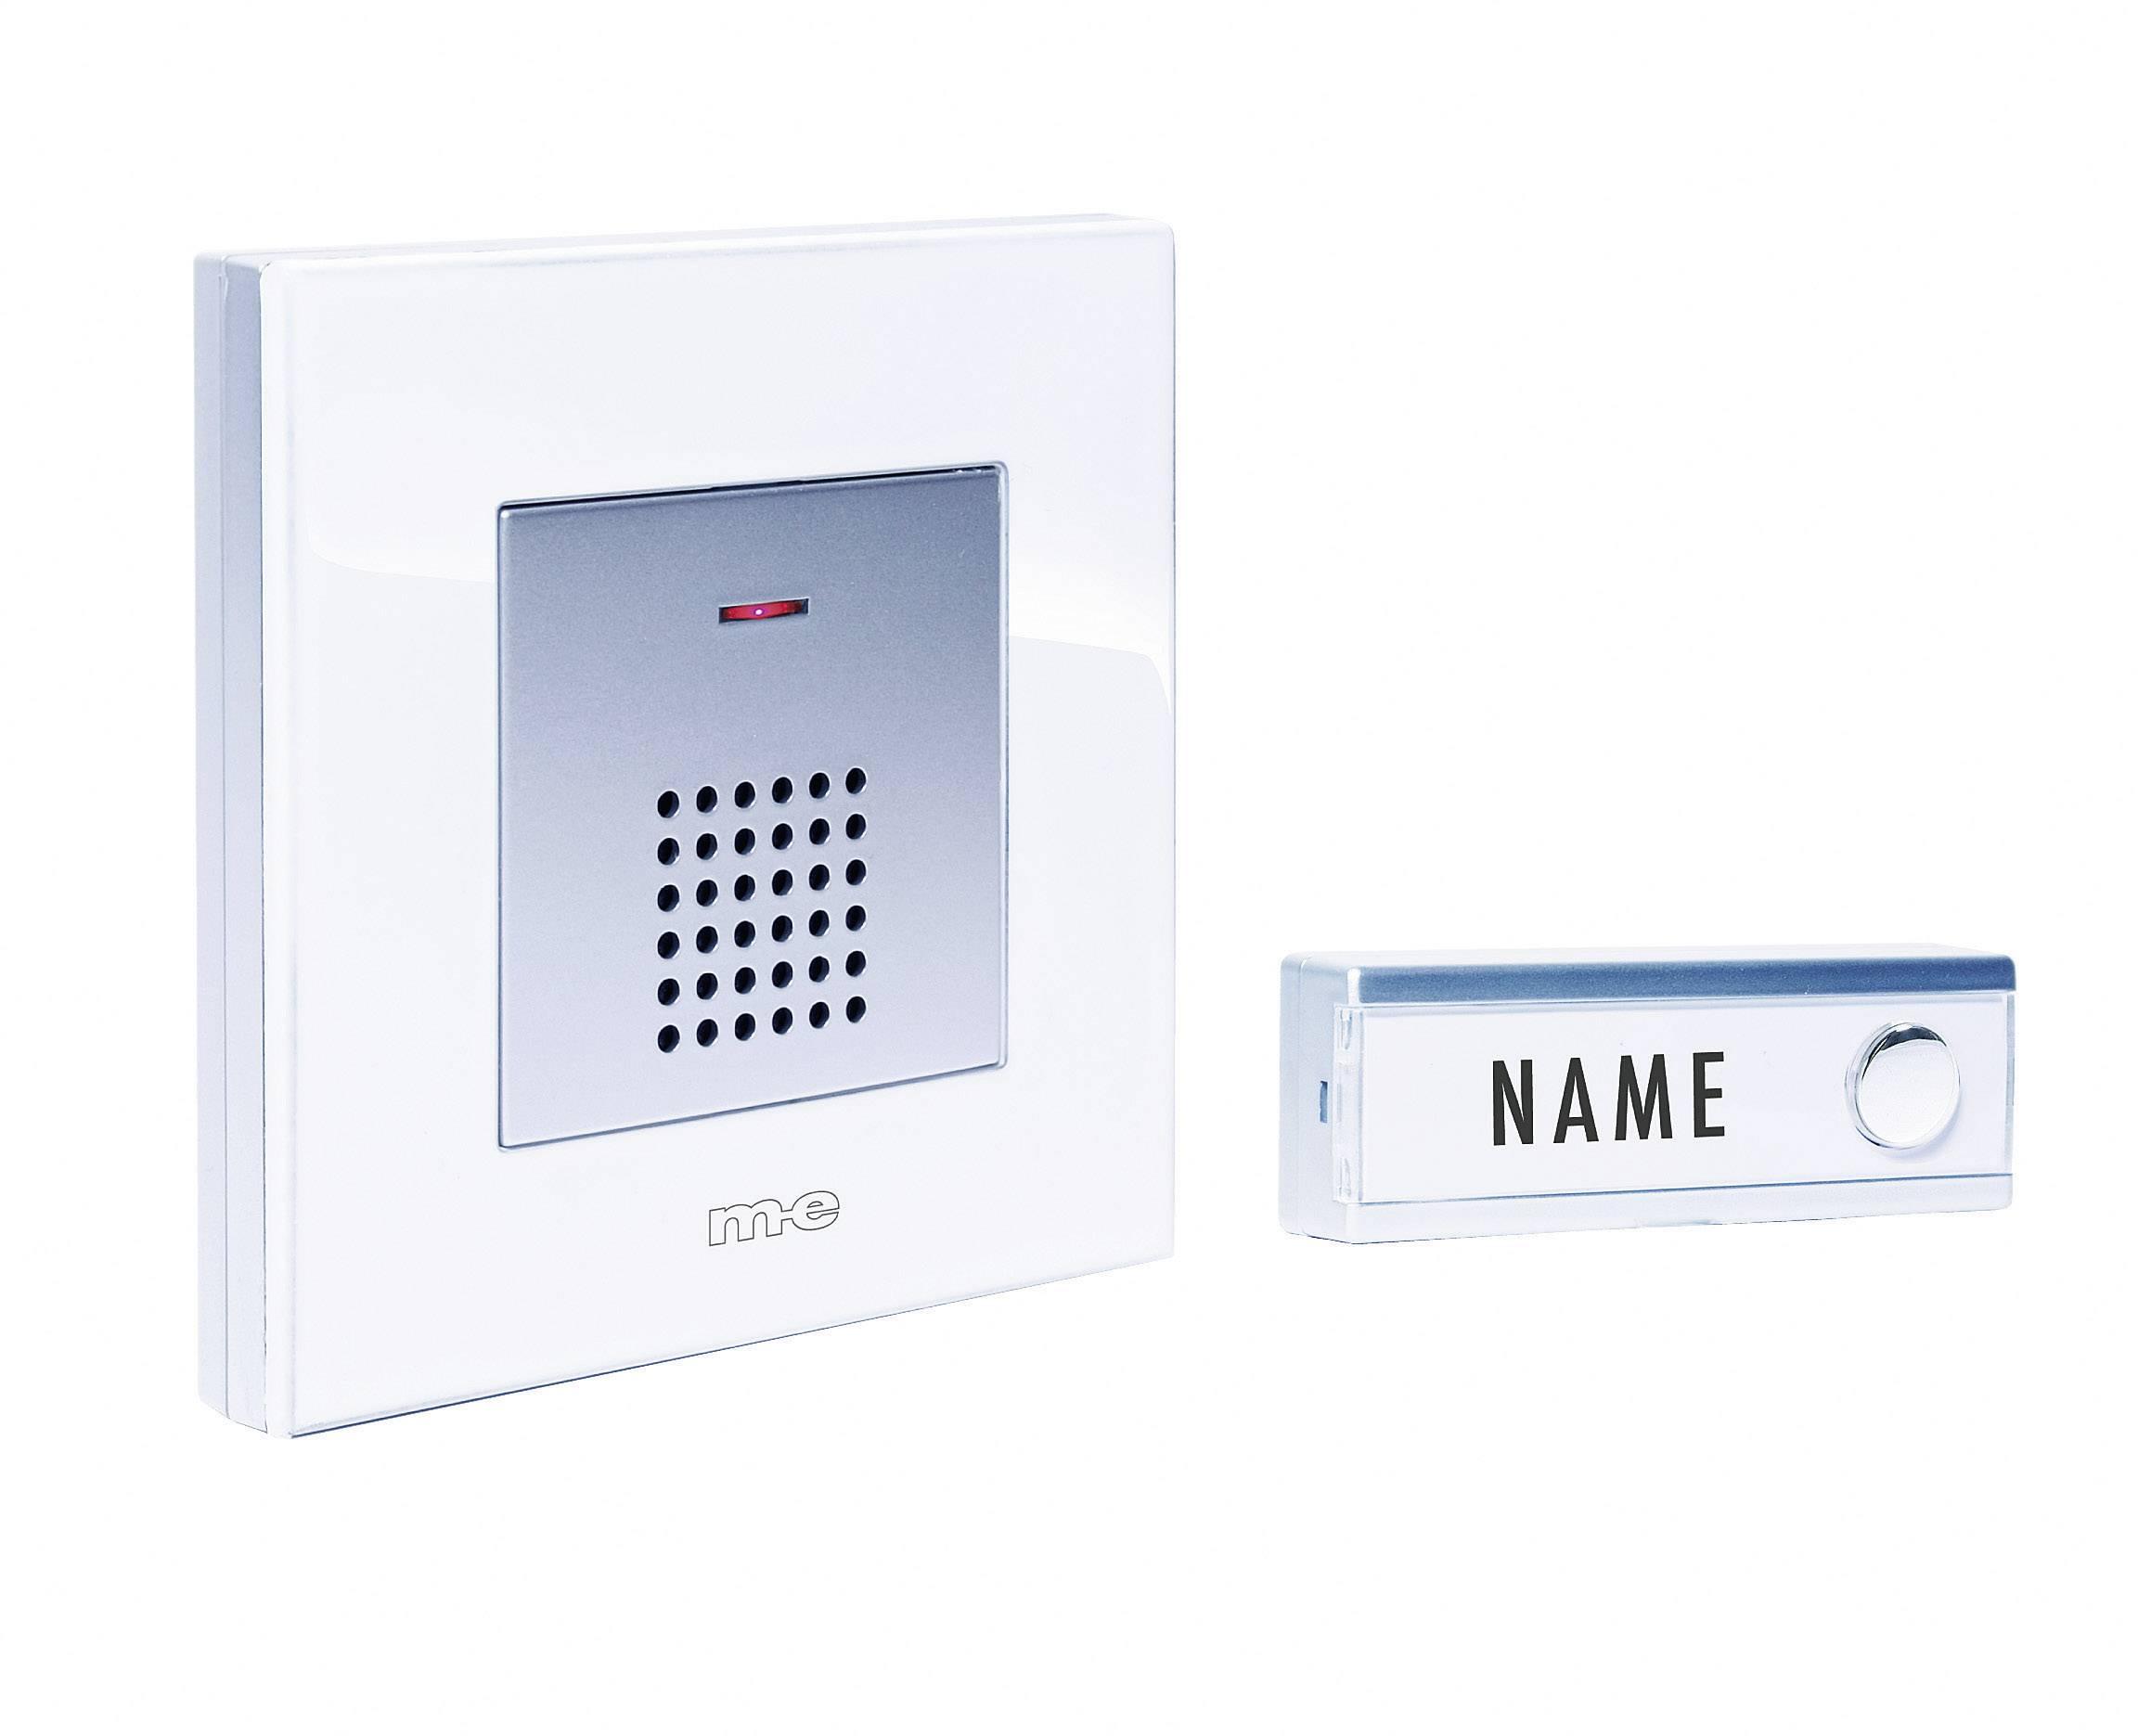 Bezdrôtový zvonček m-e modern-electronics FG5.2 FG5.2, kompletná sada, max. dosah 200 m, biela, strieborná